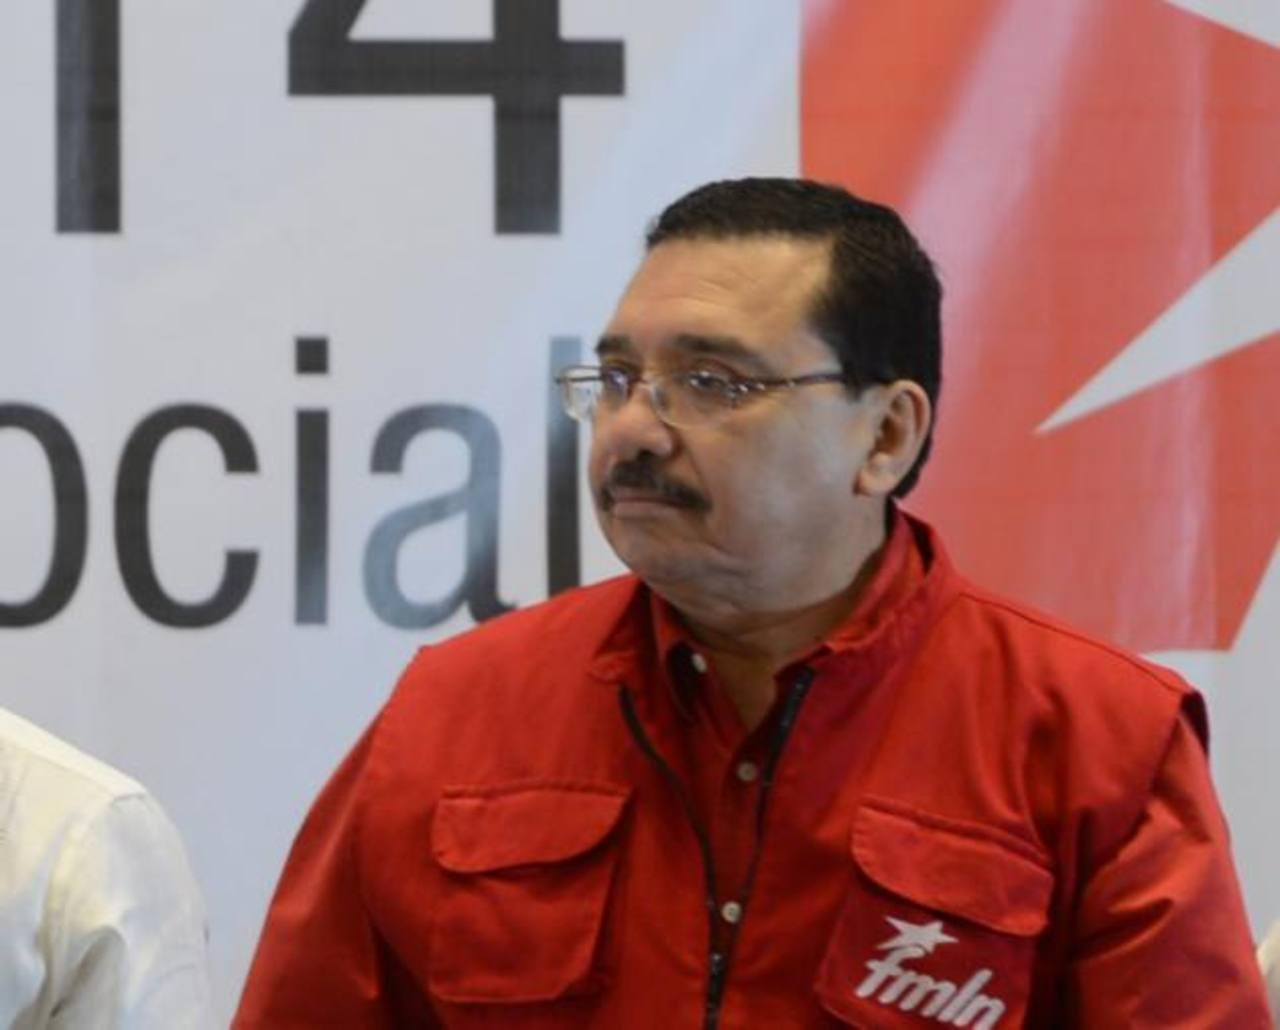 Medardo González, del FMLN, criticó que se pida incluir a políticos en ley lavado de dinero y no a medios de comunicación.